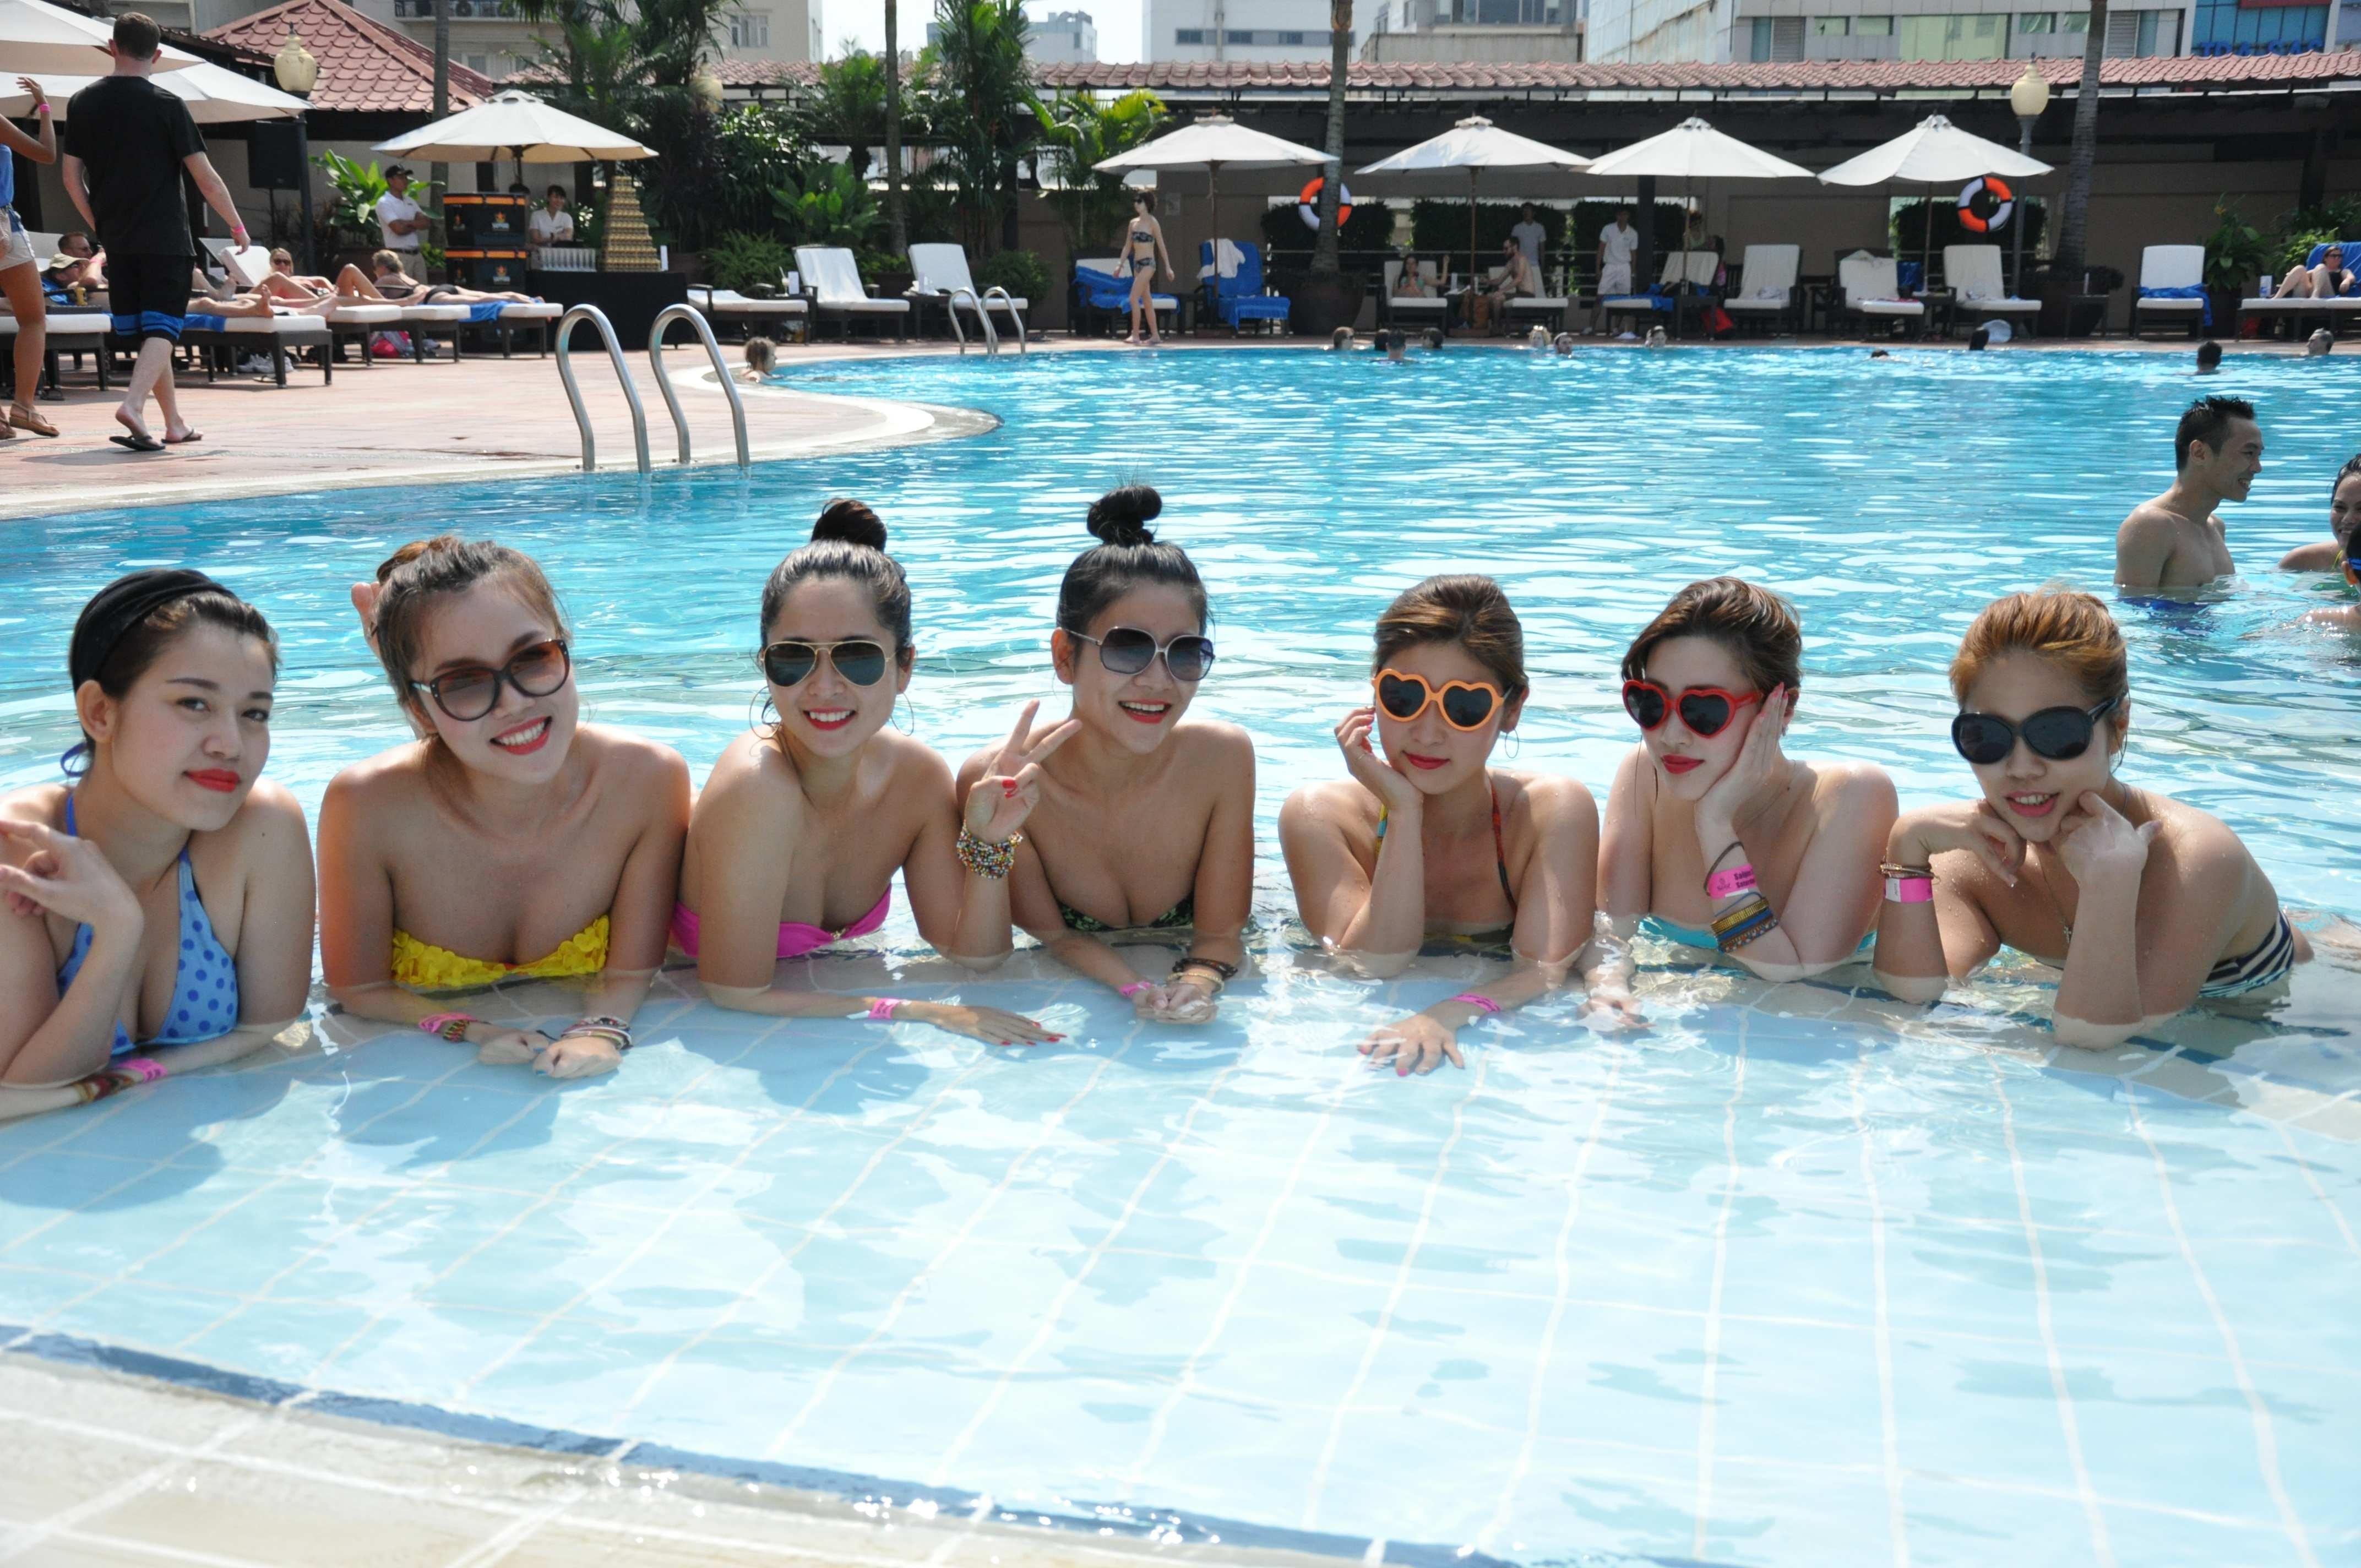 Cách nhận biết bể bơi nhiễm độc và cách tắm an toàn chốn công cộng